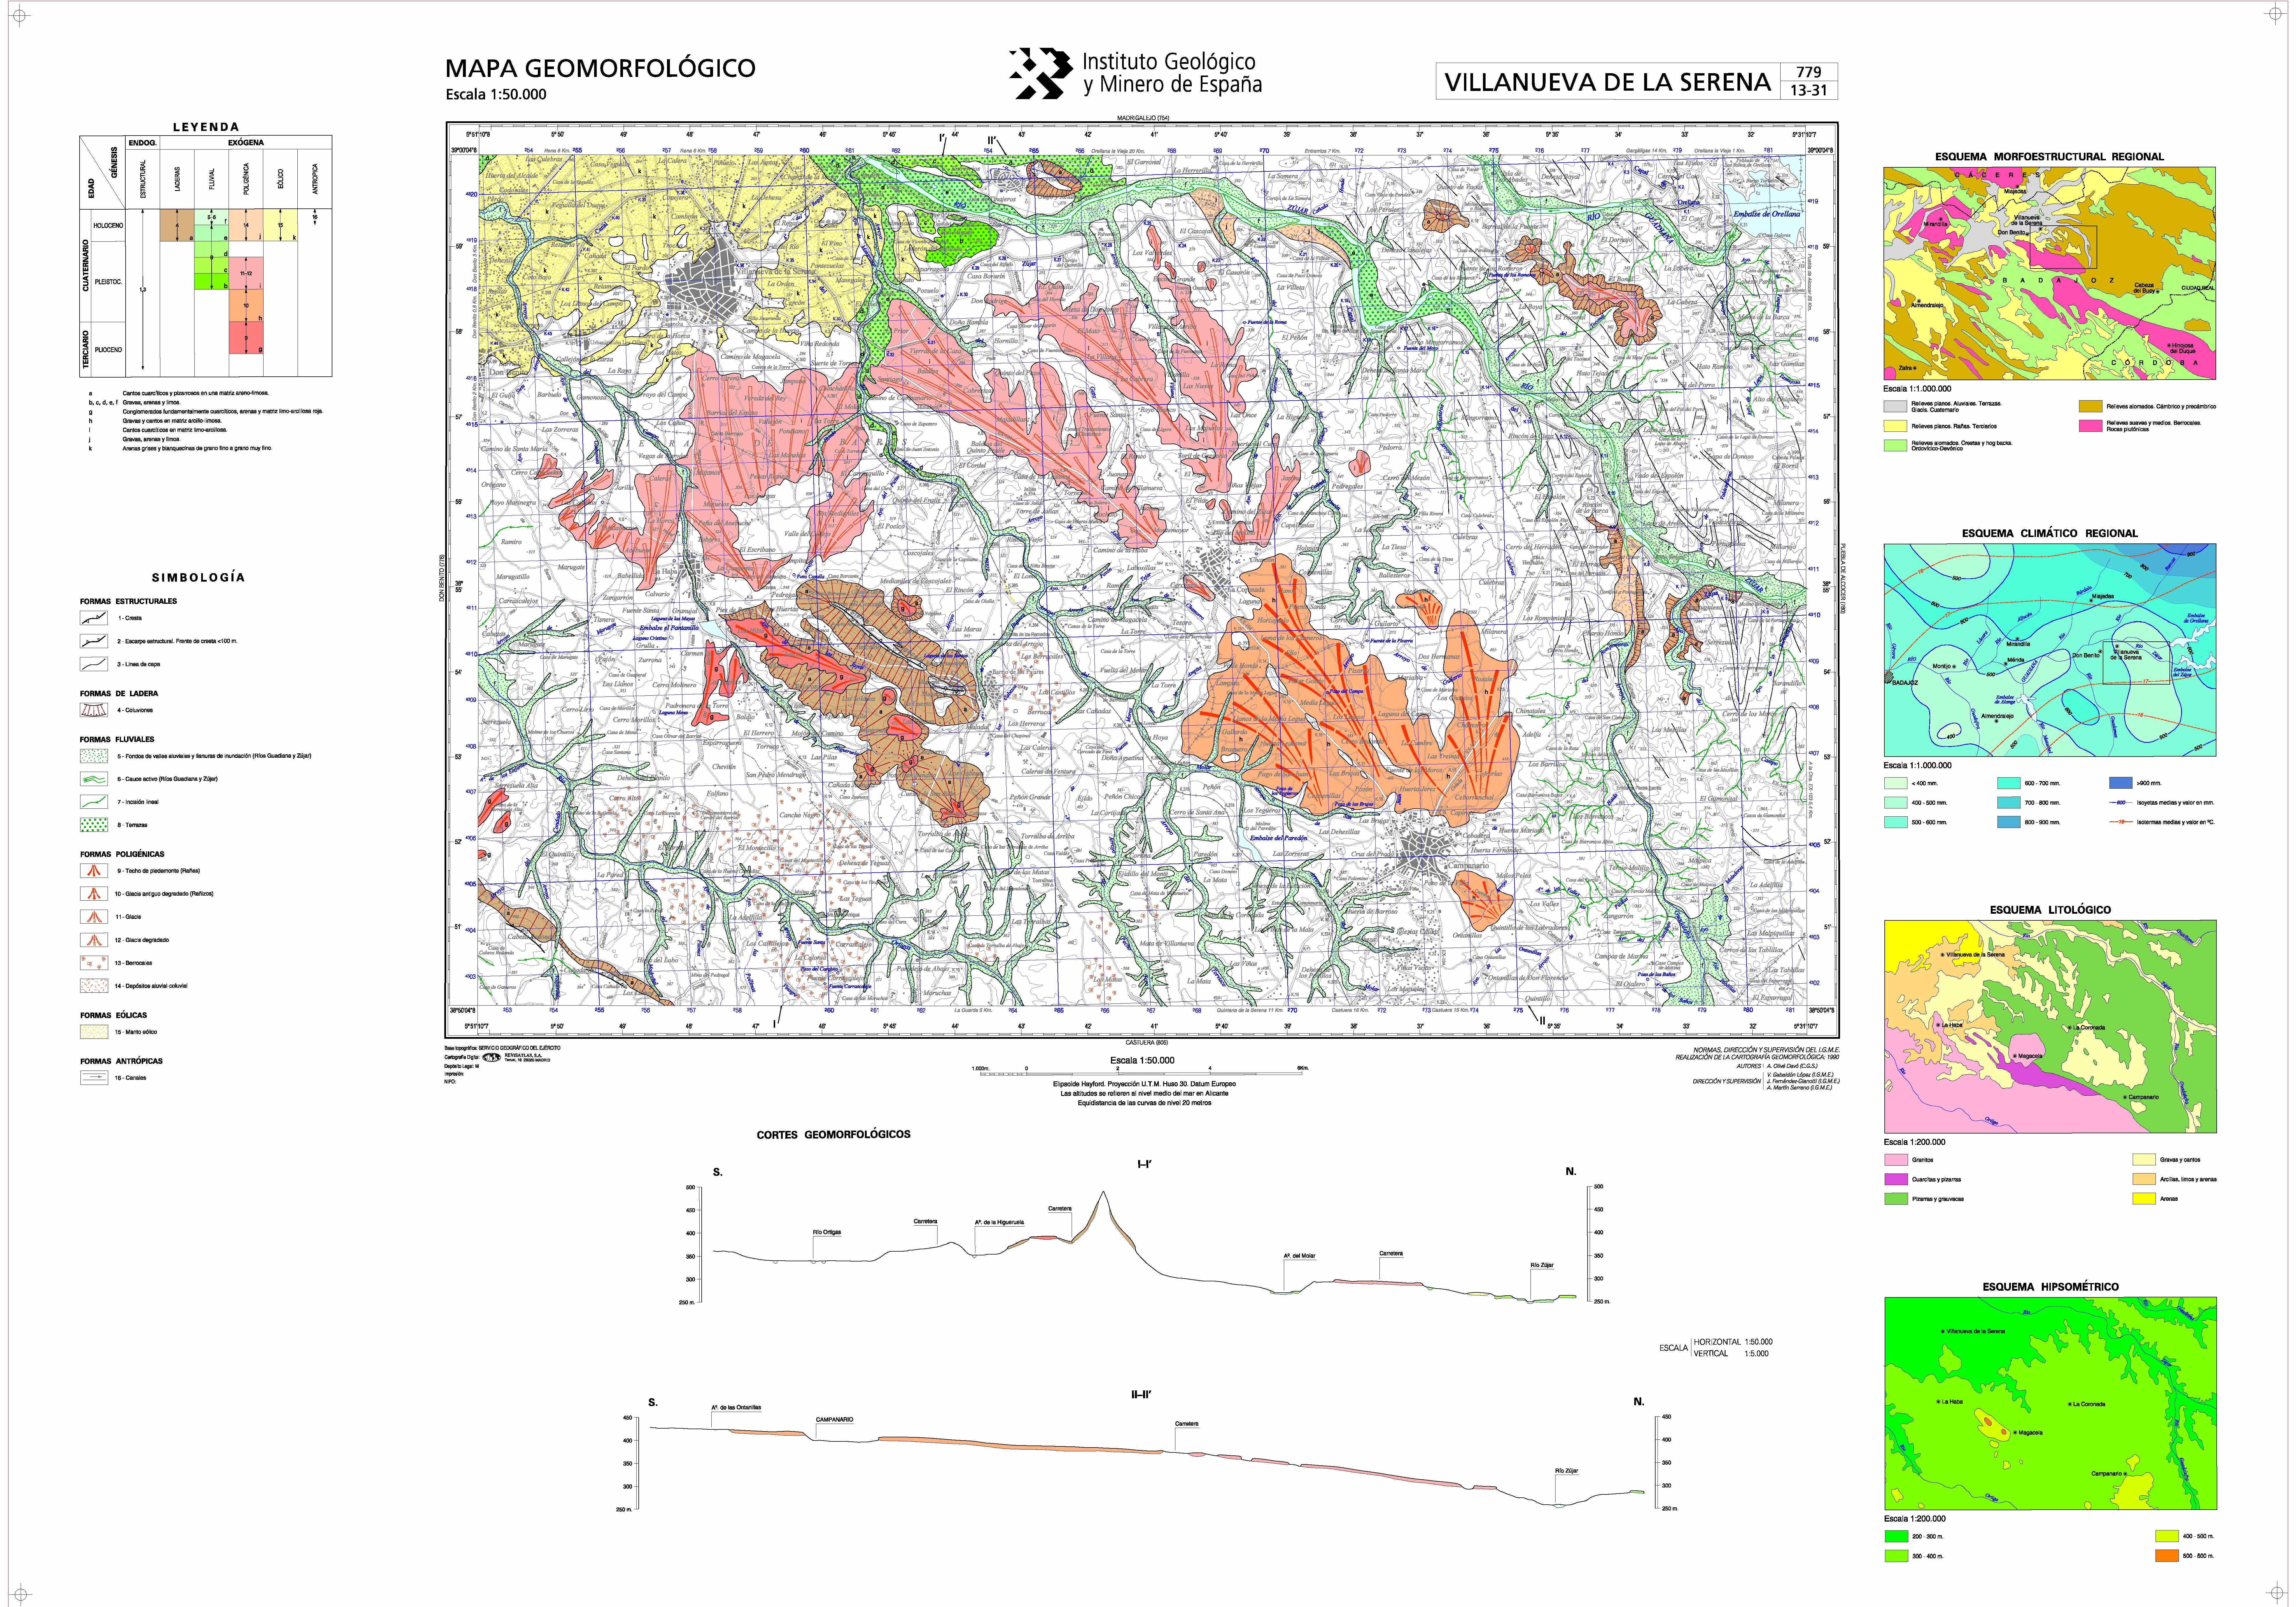 Mapa Geomorfologico E 1 50 000 Hoja 779 Villanueva De La